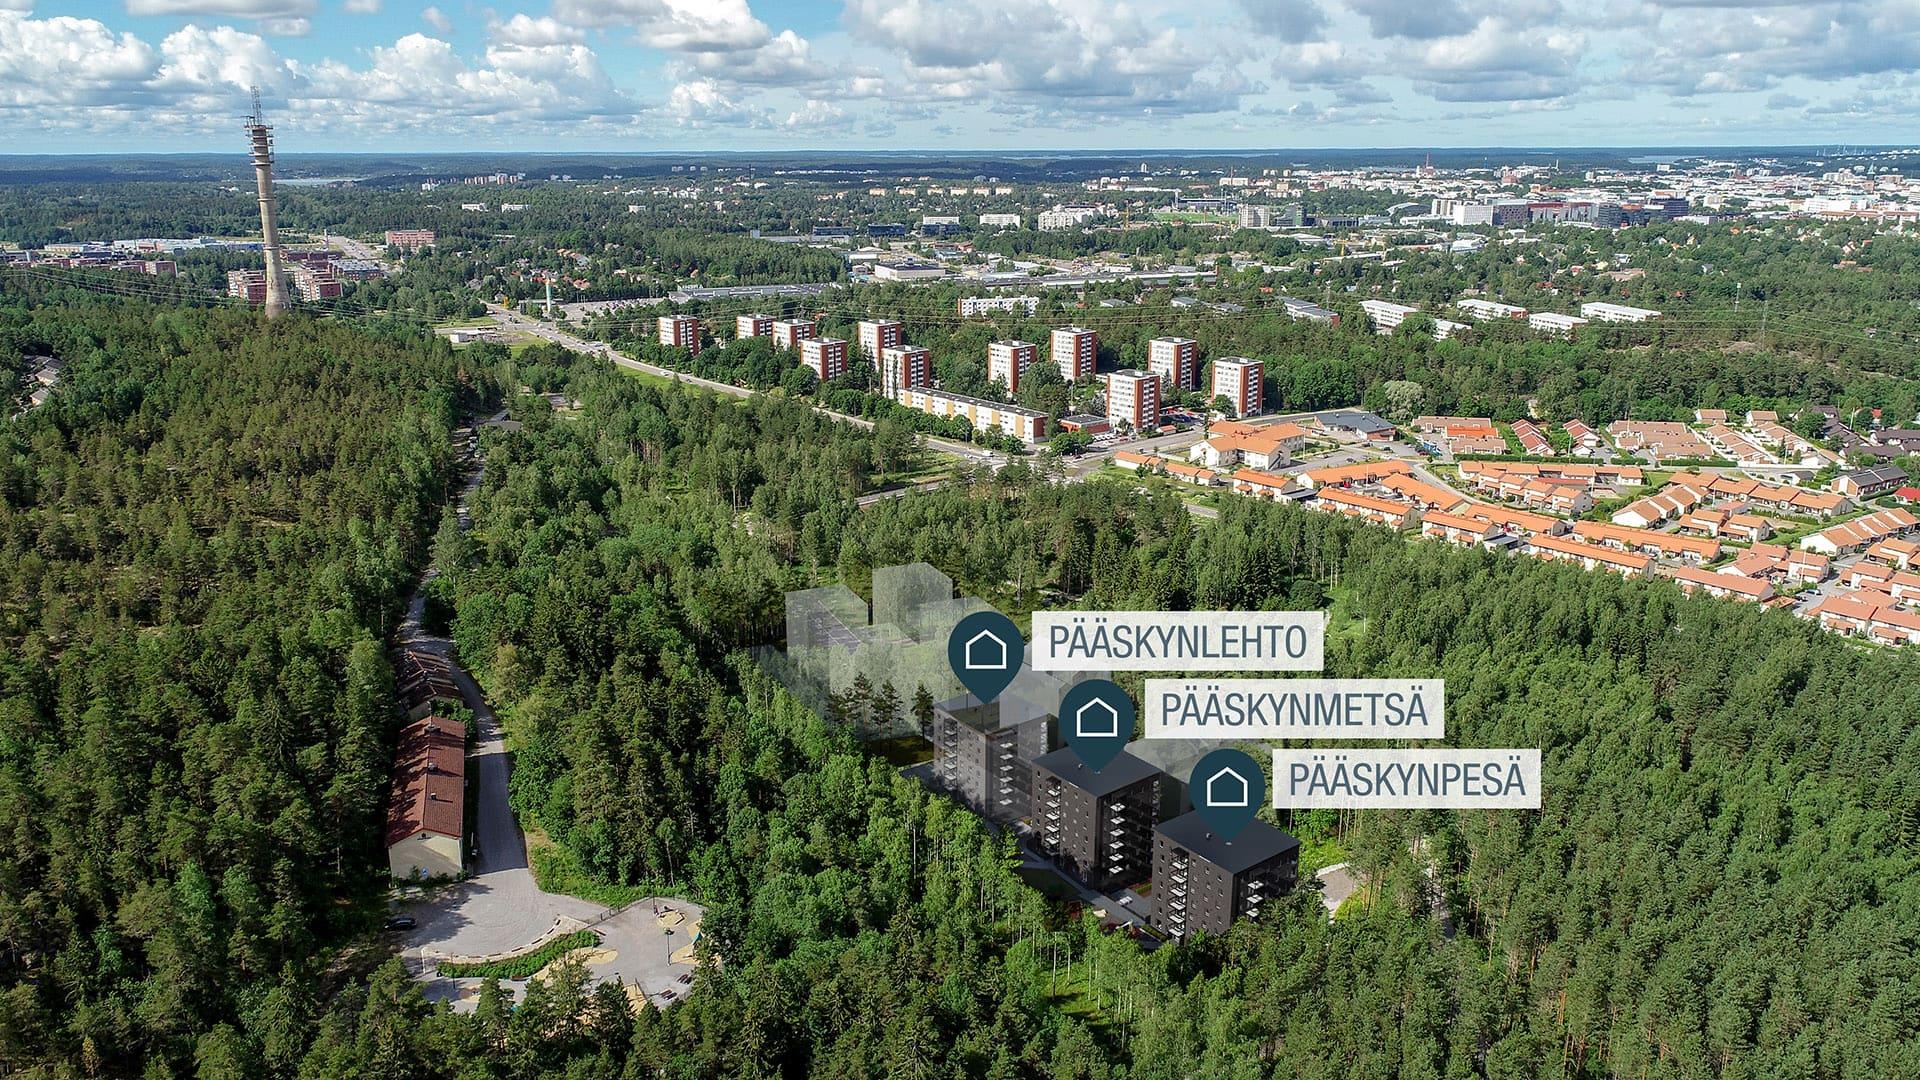 Asunto Oy Turun Pääskynmetsä, Pääskyvuorenrinne